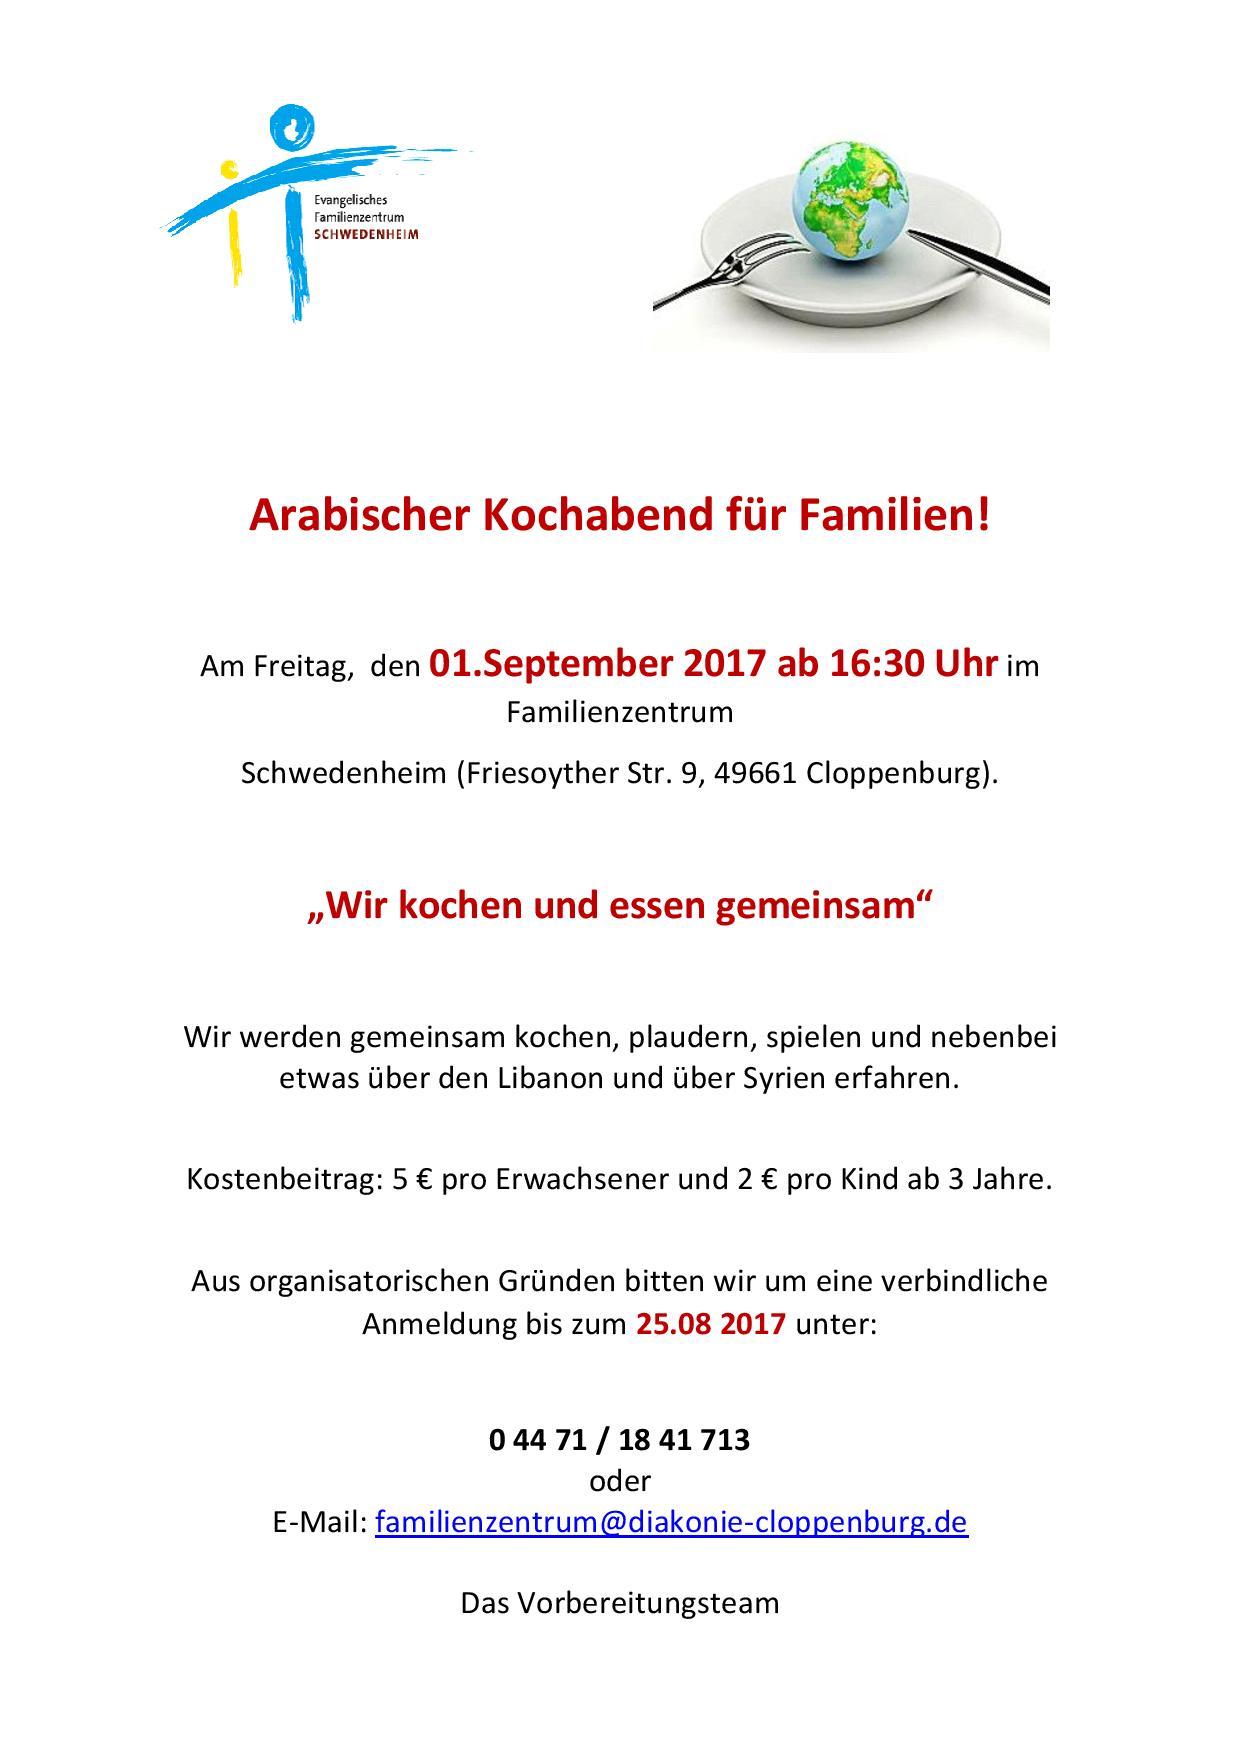 Arabisch Kochen Einladung-page-001